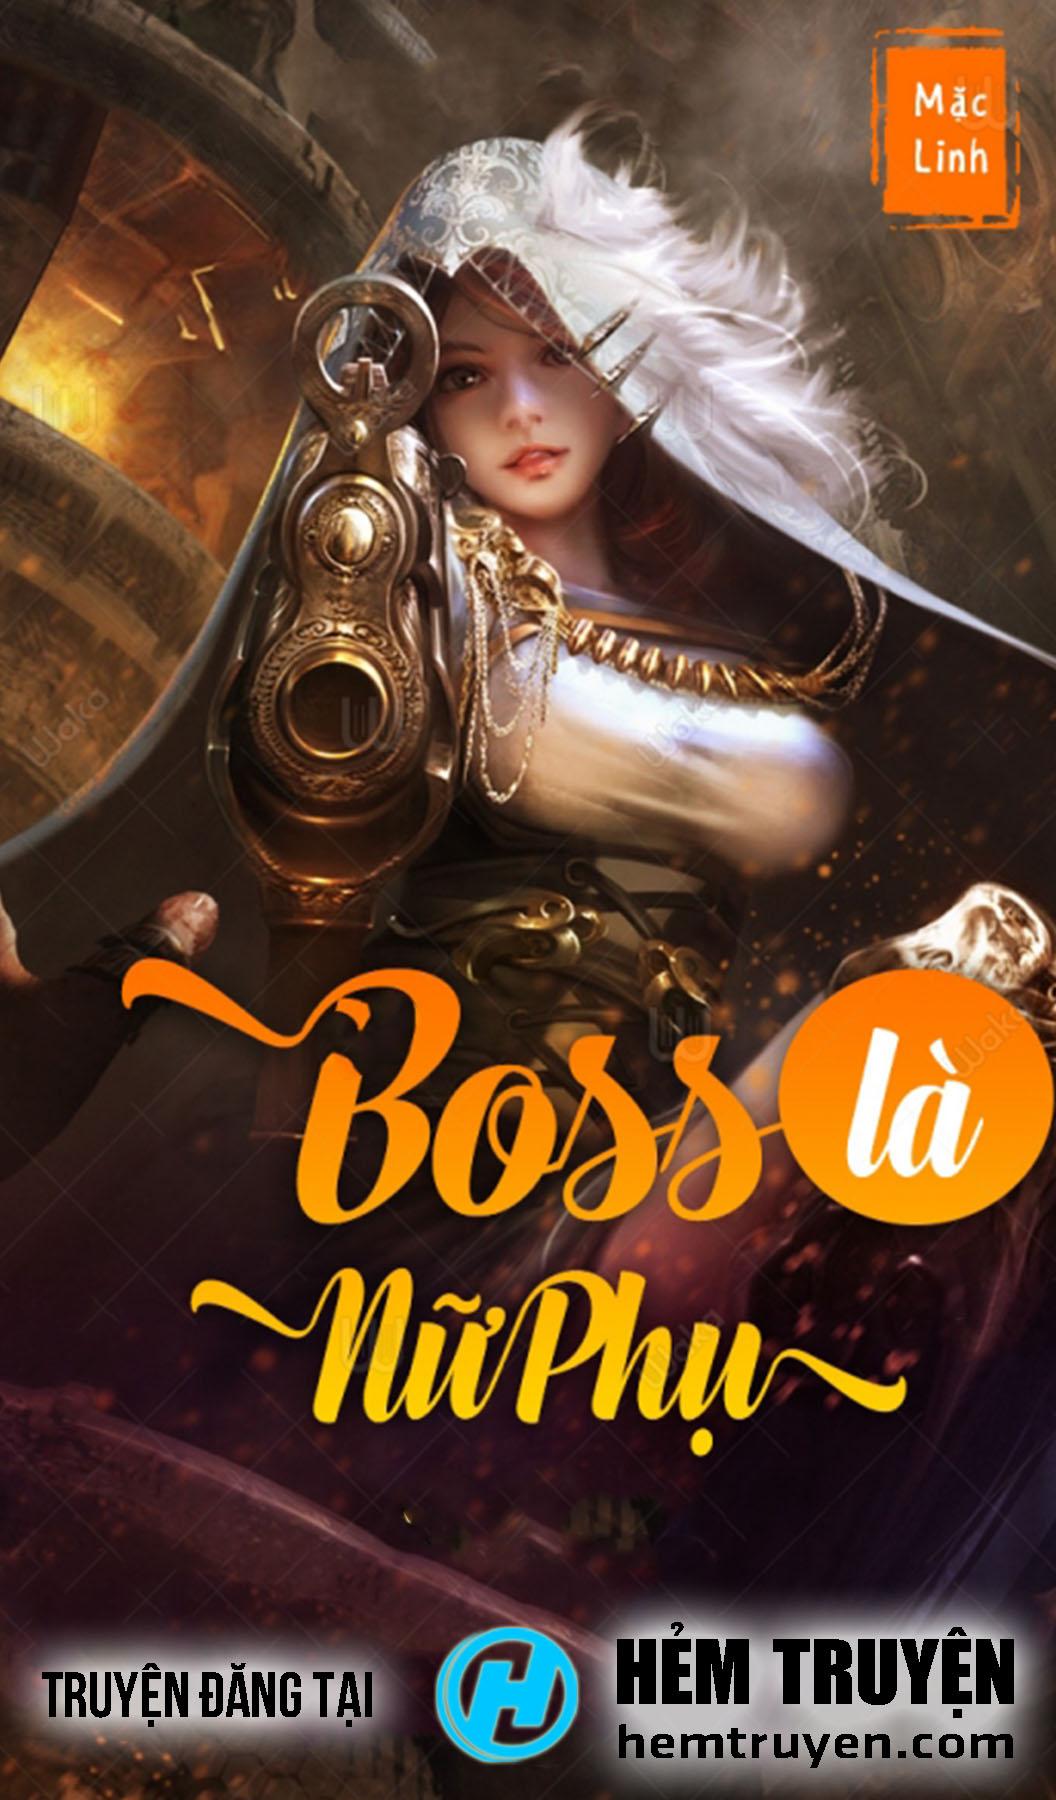 Đọc truyện Boss Là Nữ Phụ của Mặc Linh trên HEMTRUYEN.COM